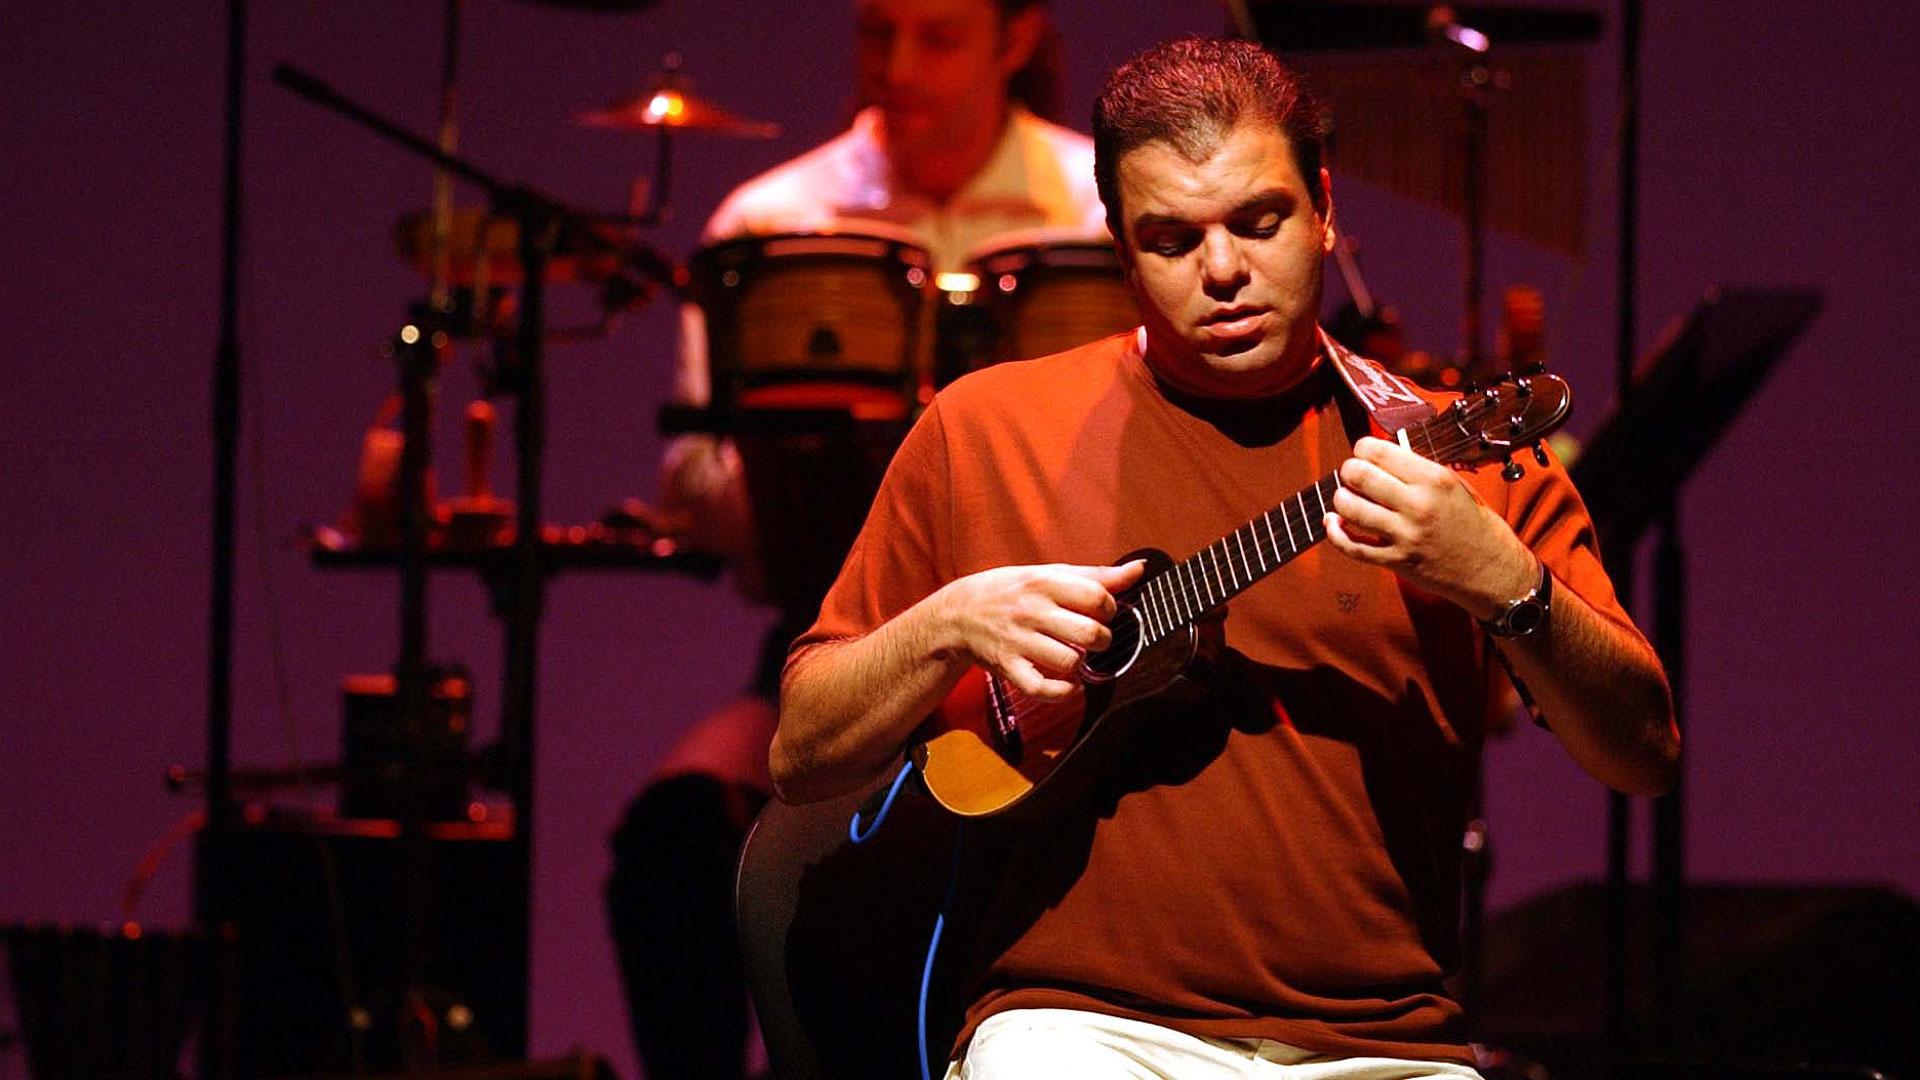 Un concierto homenaje a José Antonio Ramos, construido a partir de los recuerdos de su público y amigos, abrirá las Fiestas Fundacionales